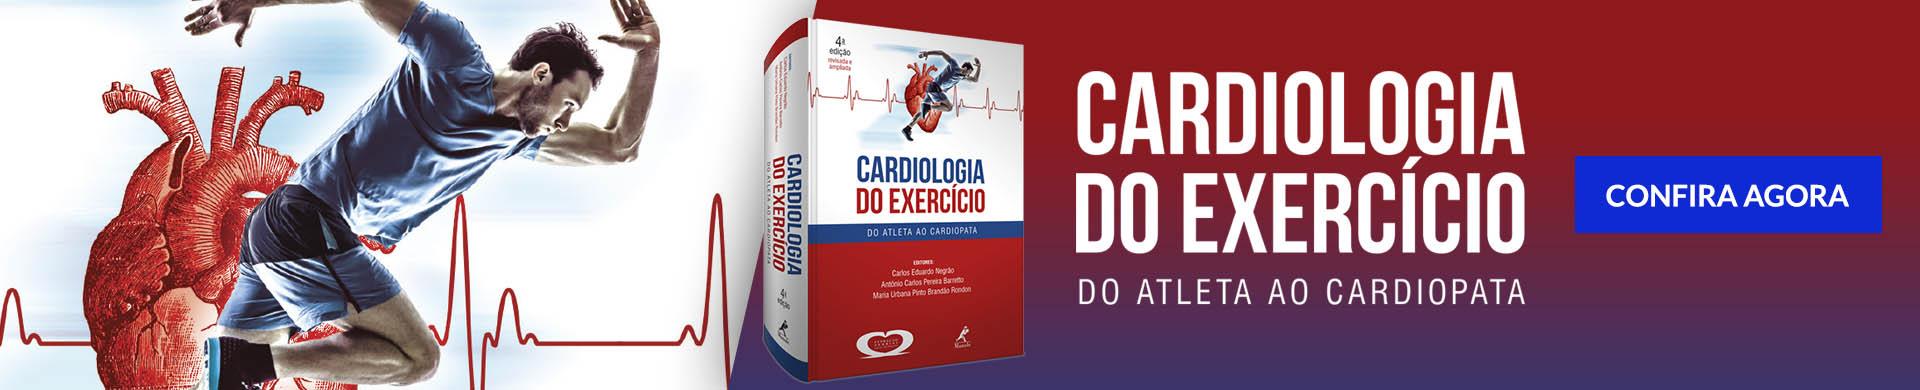 Cardiologia_Exercicio